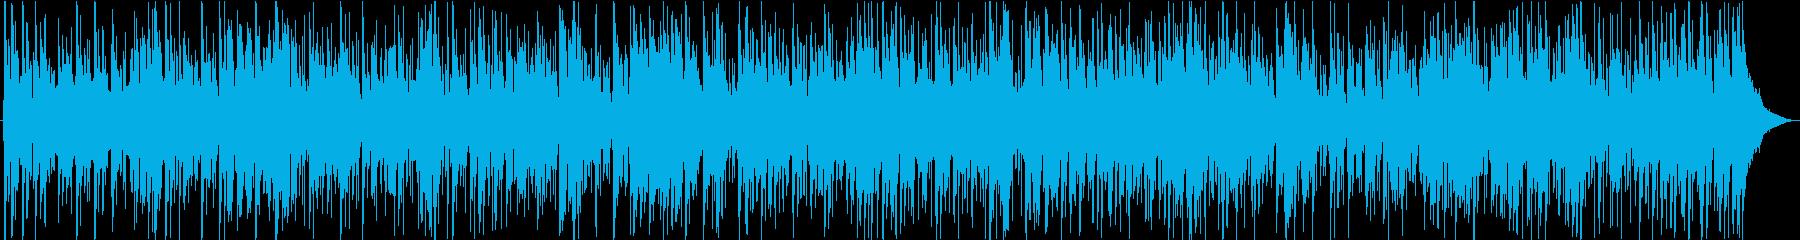 爽やかでクール、軽やかなジャズピアノの再生済みの波形